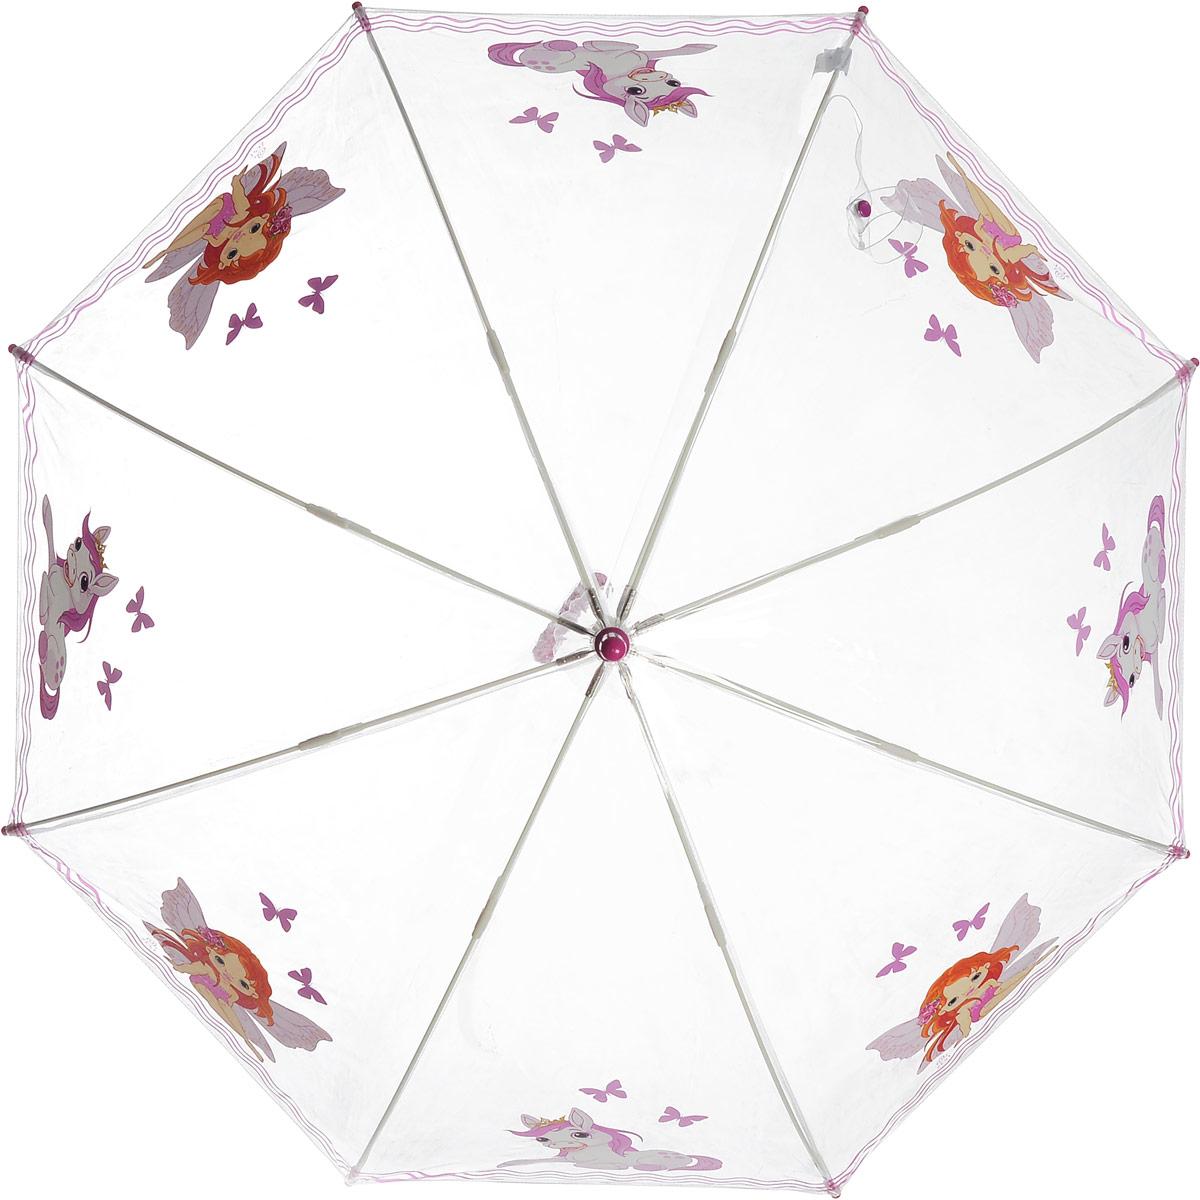 Зонт-трость детский Zest механический, цвет: прозрачный, розовый. 51510-0651510-06Детский зонт-трость Zest выполнен из металла и пластика. Каркас зонта выполнен из восьми спиц, стержень из стали. На концах спиц предусмотрены пластиковые элементы, которые защитят малыша от травм. Купол зонта изготовлен прочного полиэстера. Закрытый купол застегивается на липучку хлястиком. Практичная глянцевая рукоятка закругленной формы разработана с учетом требований эргономики и выполнена из пластика. Чудесный прозрачный зонтик с изображением красочного рисунка на прозрачном куполе. Эта очень позитивная, прочная в применении модель обязательно понравится вашему ребенку.